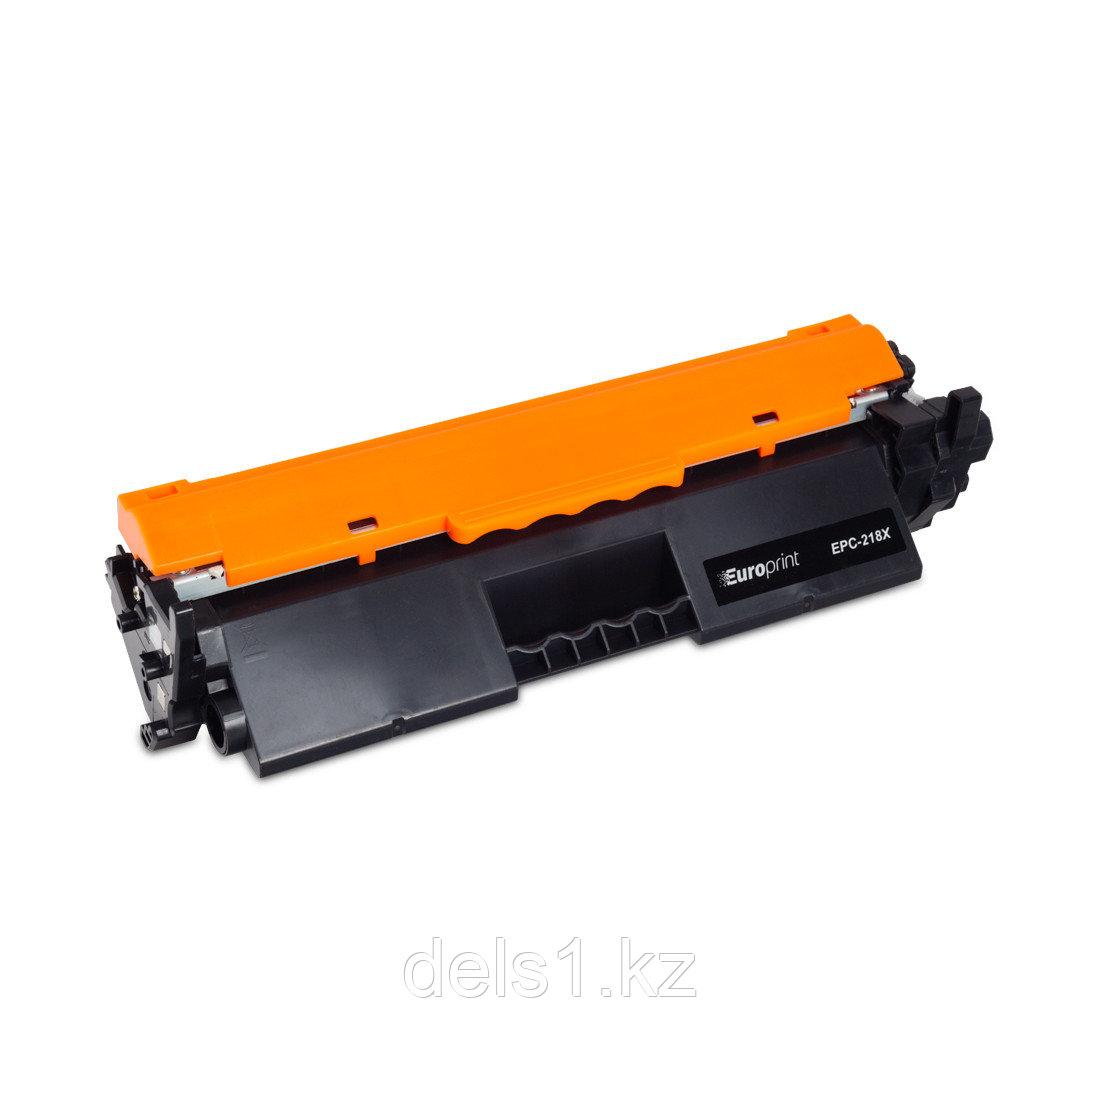 Картридж, Europrint, EPC-218X (C чипом), Для принтеров HP LaserJet Pro M104/MFP M132, 5000 страниц.